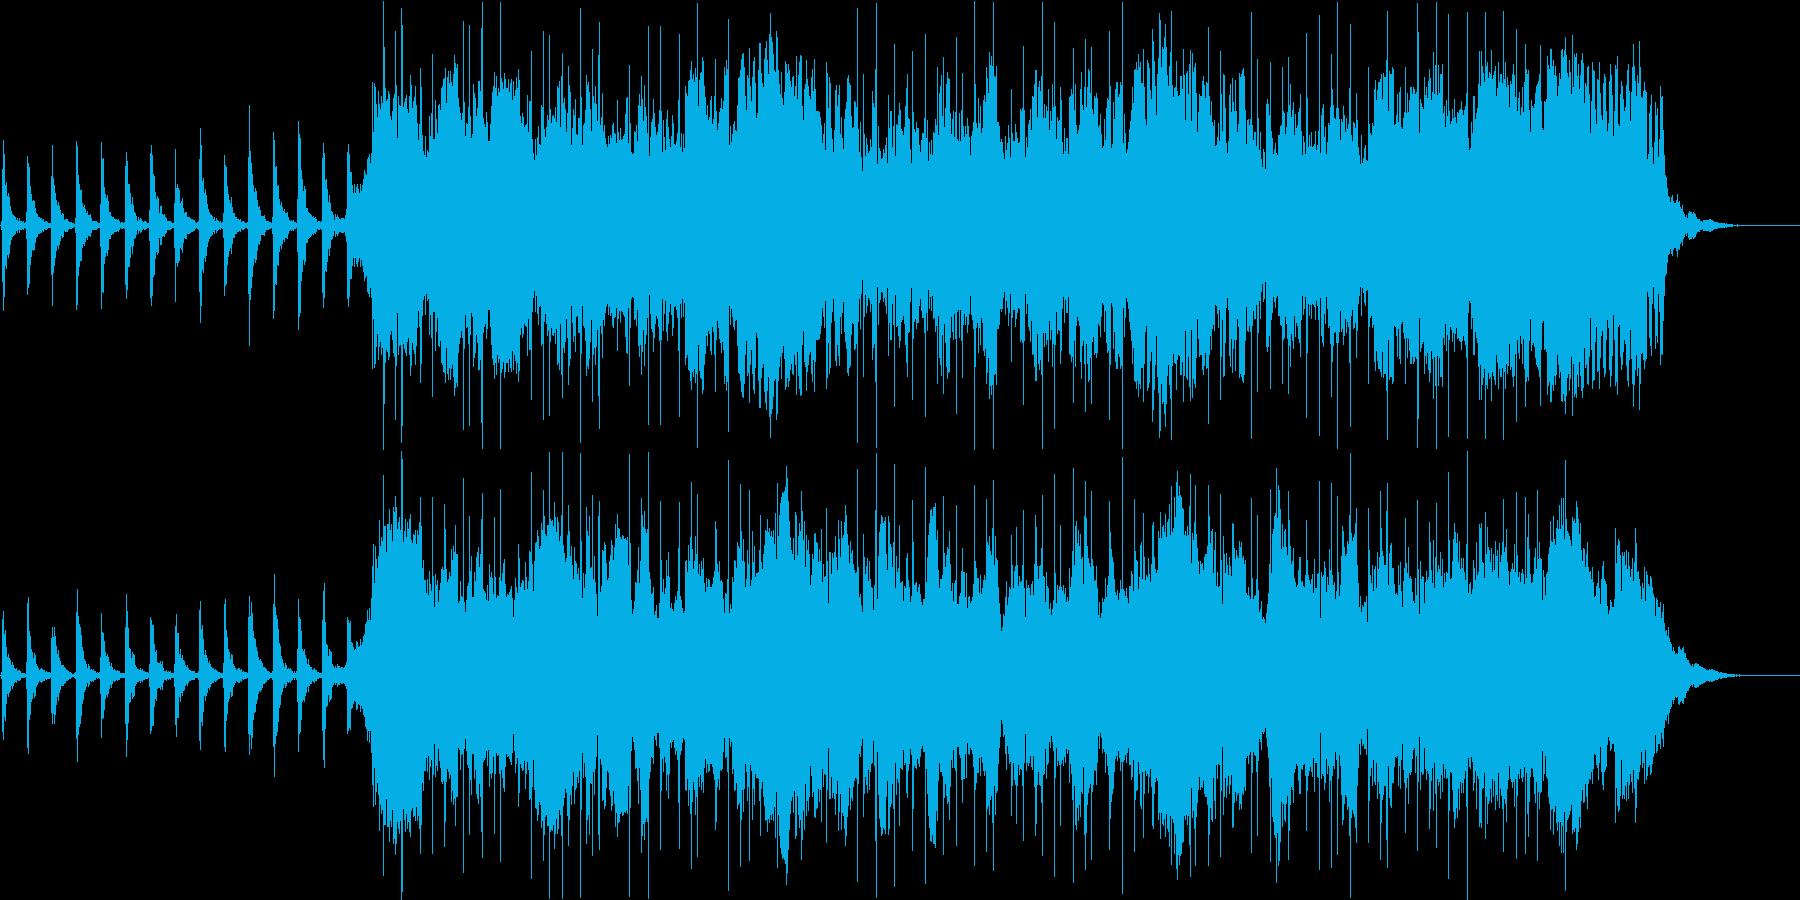 ポップス 壮大 さわやかの再生済みの波形